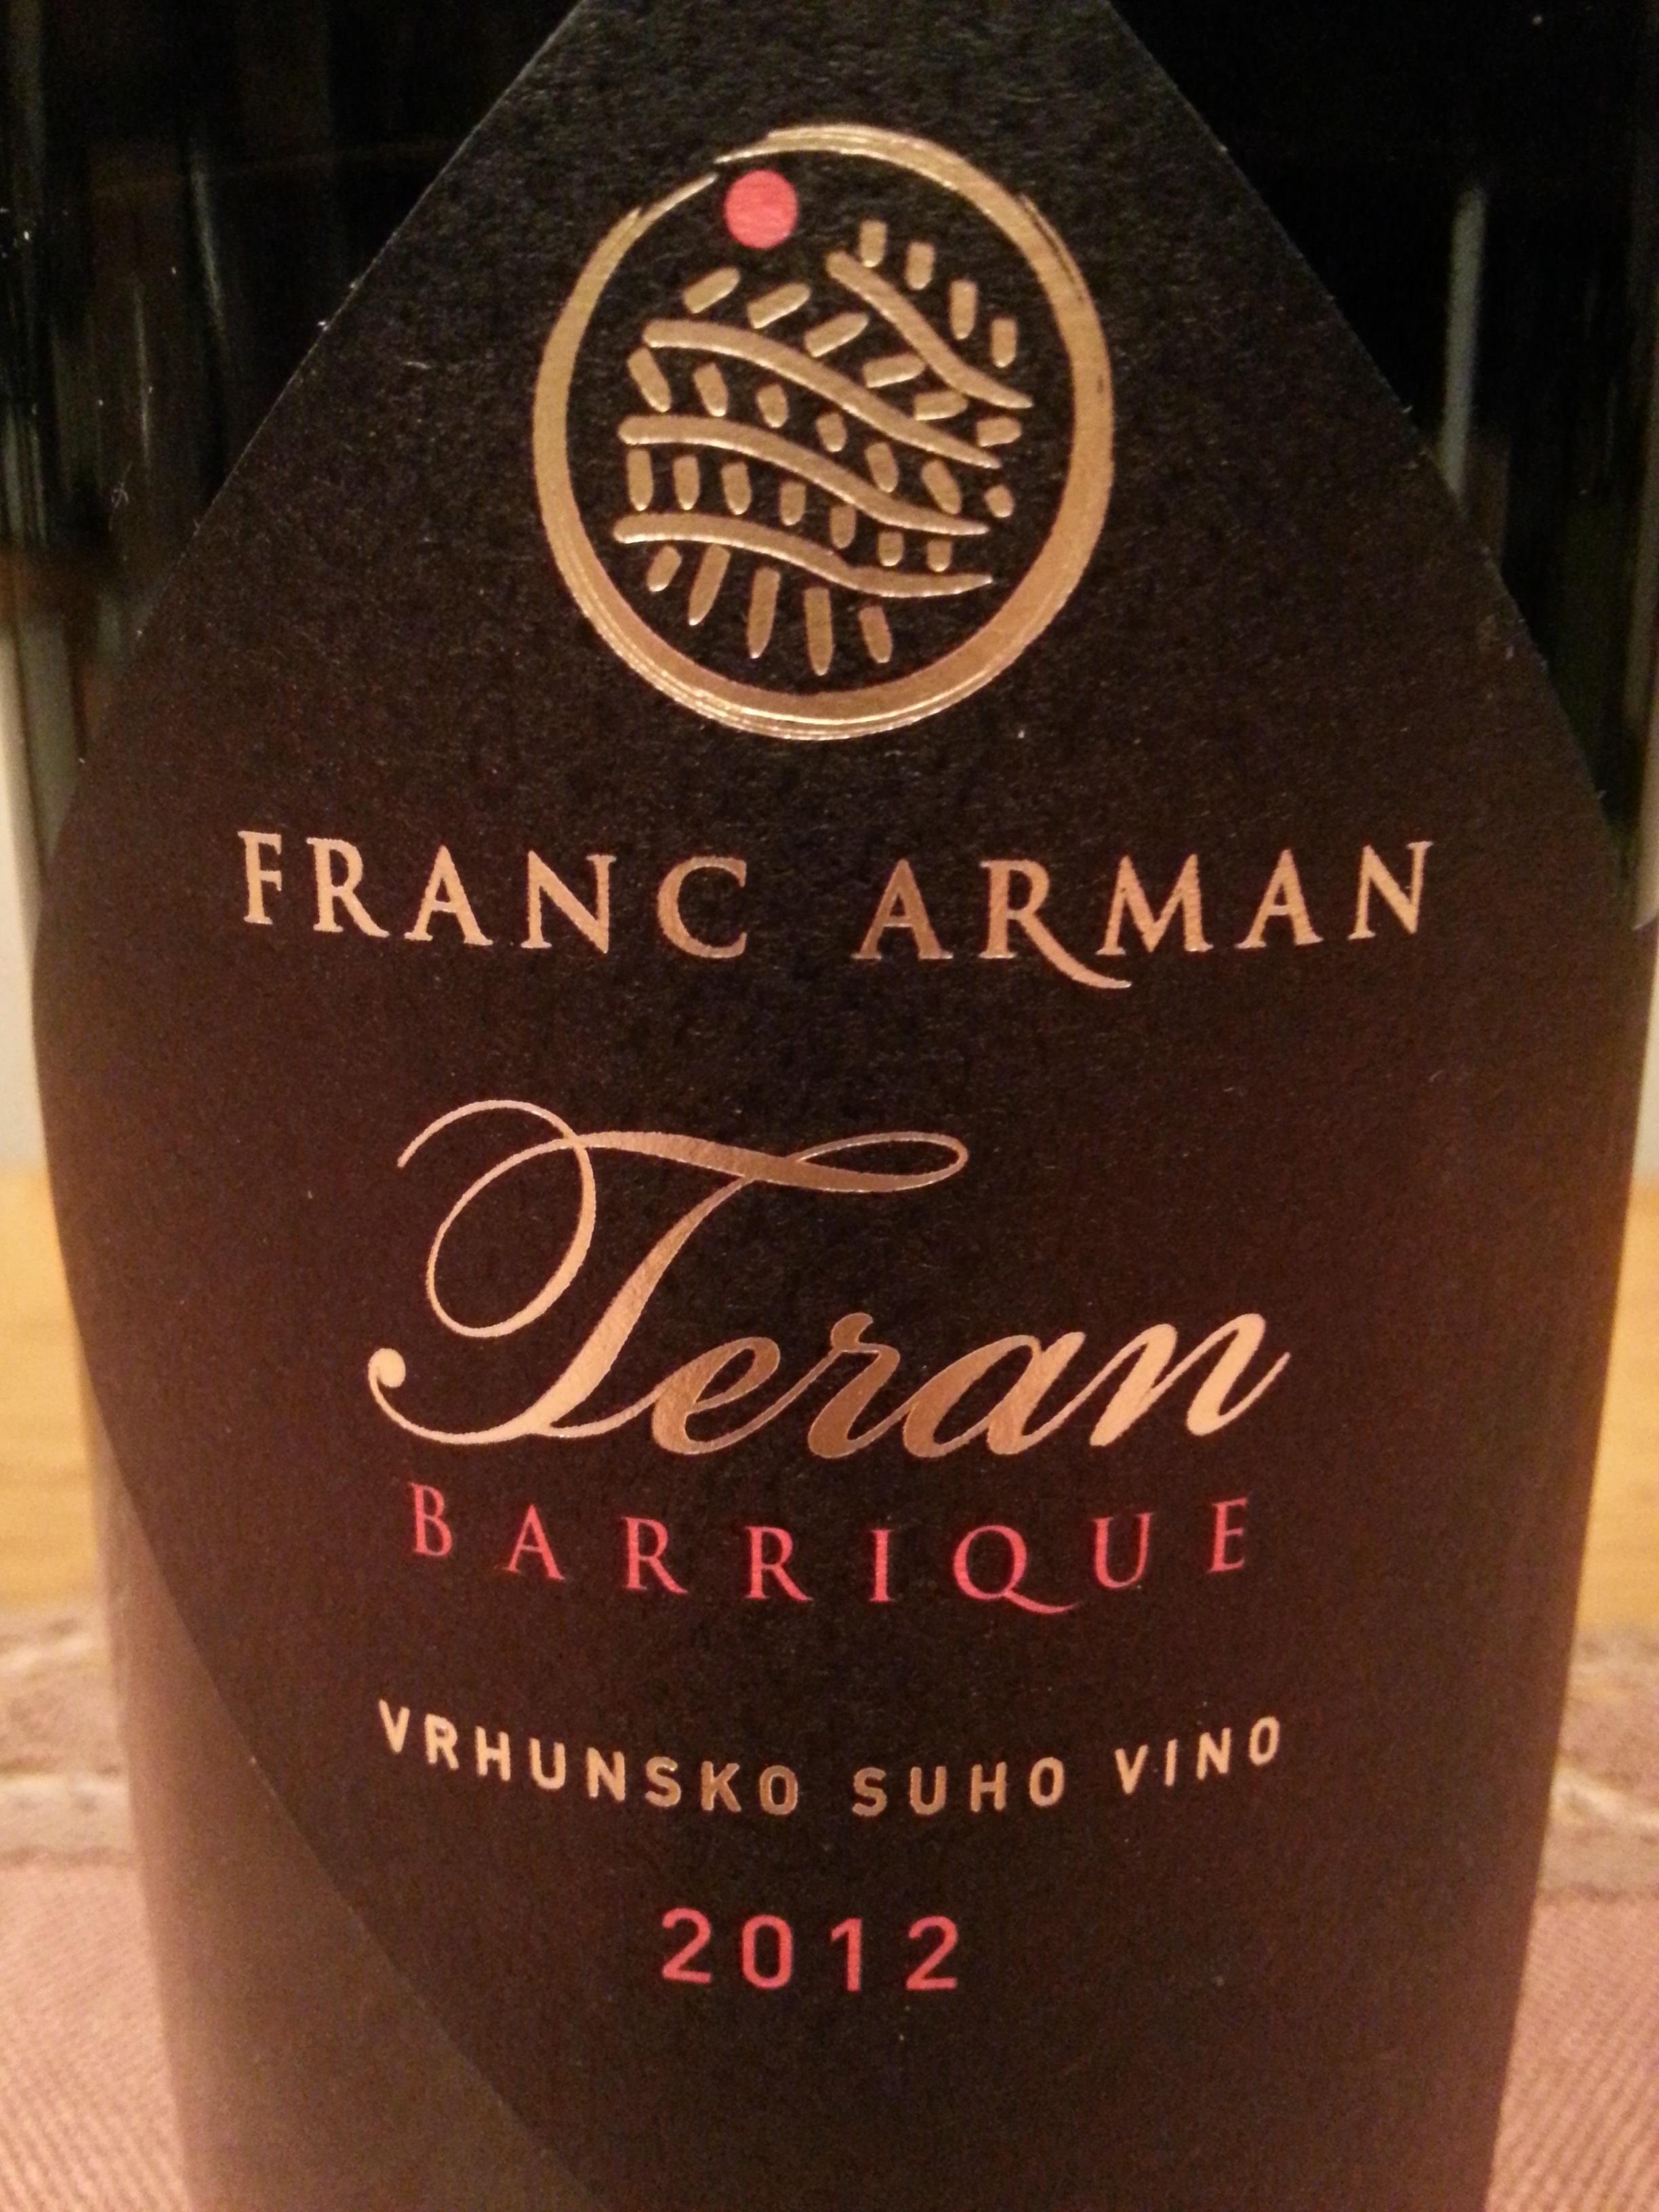 2012 Teran Barrique | Franc Arman